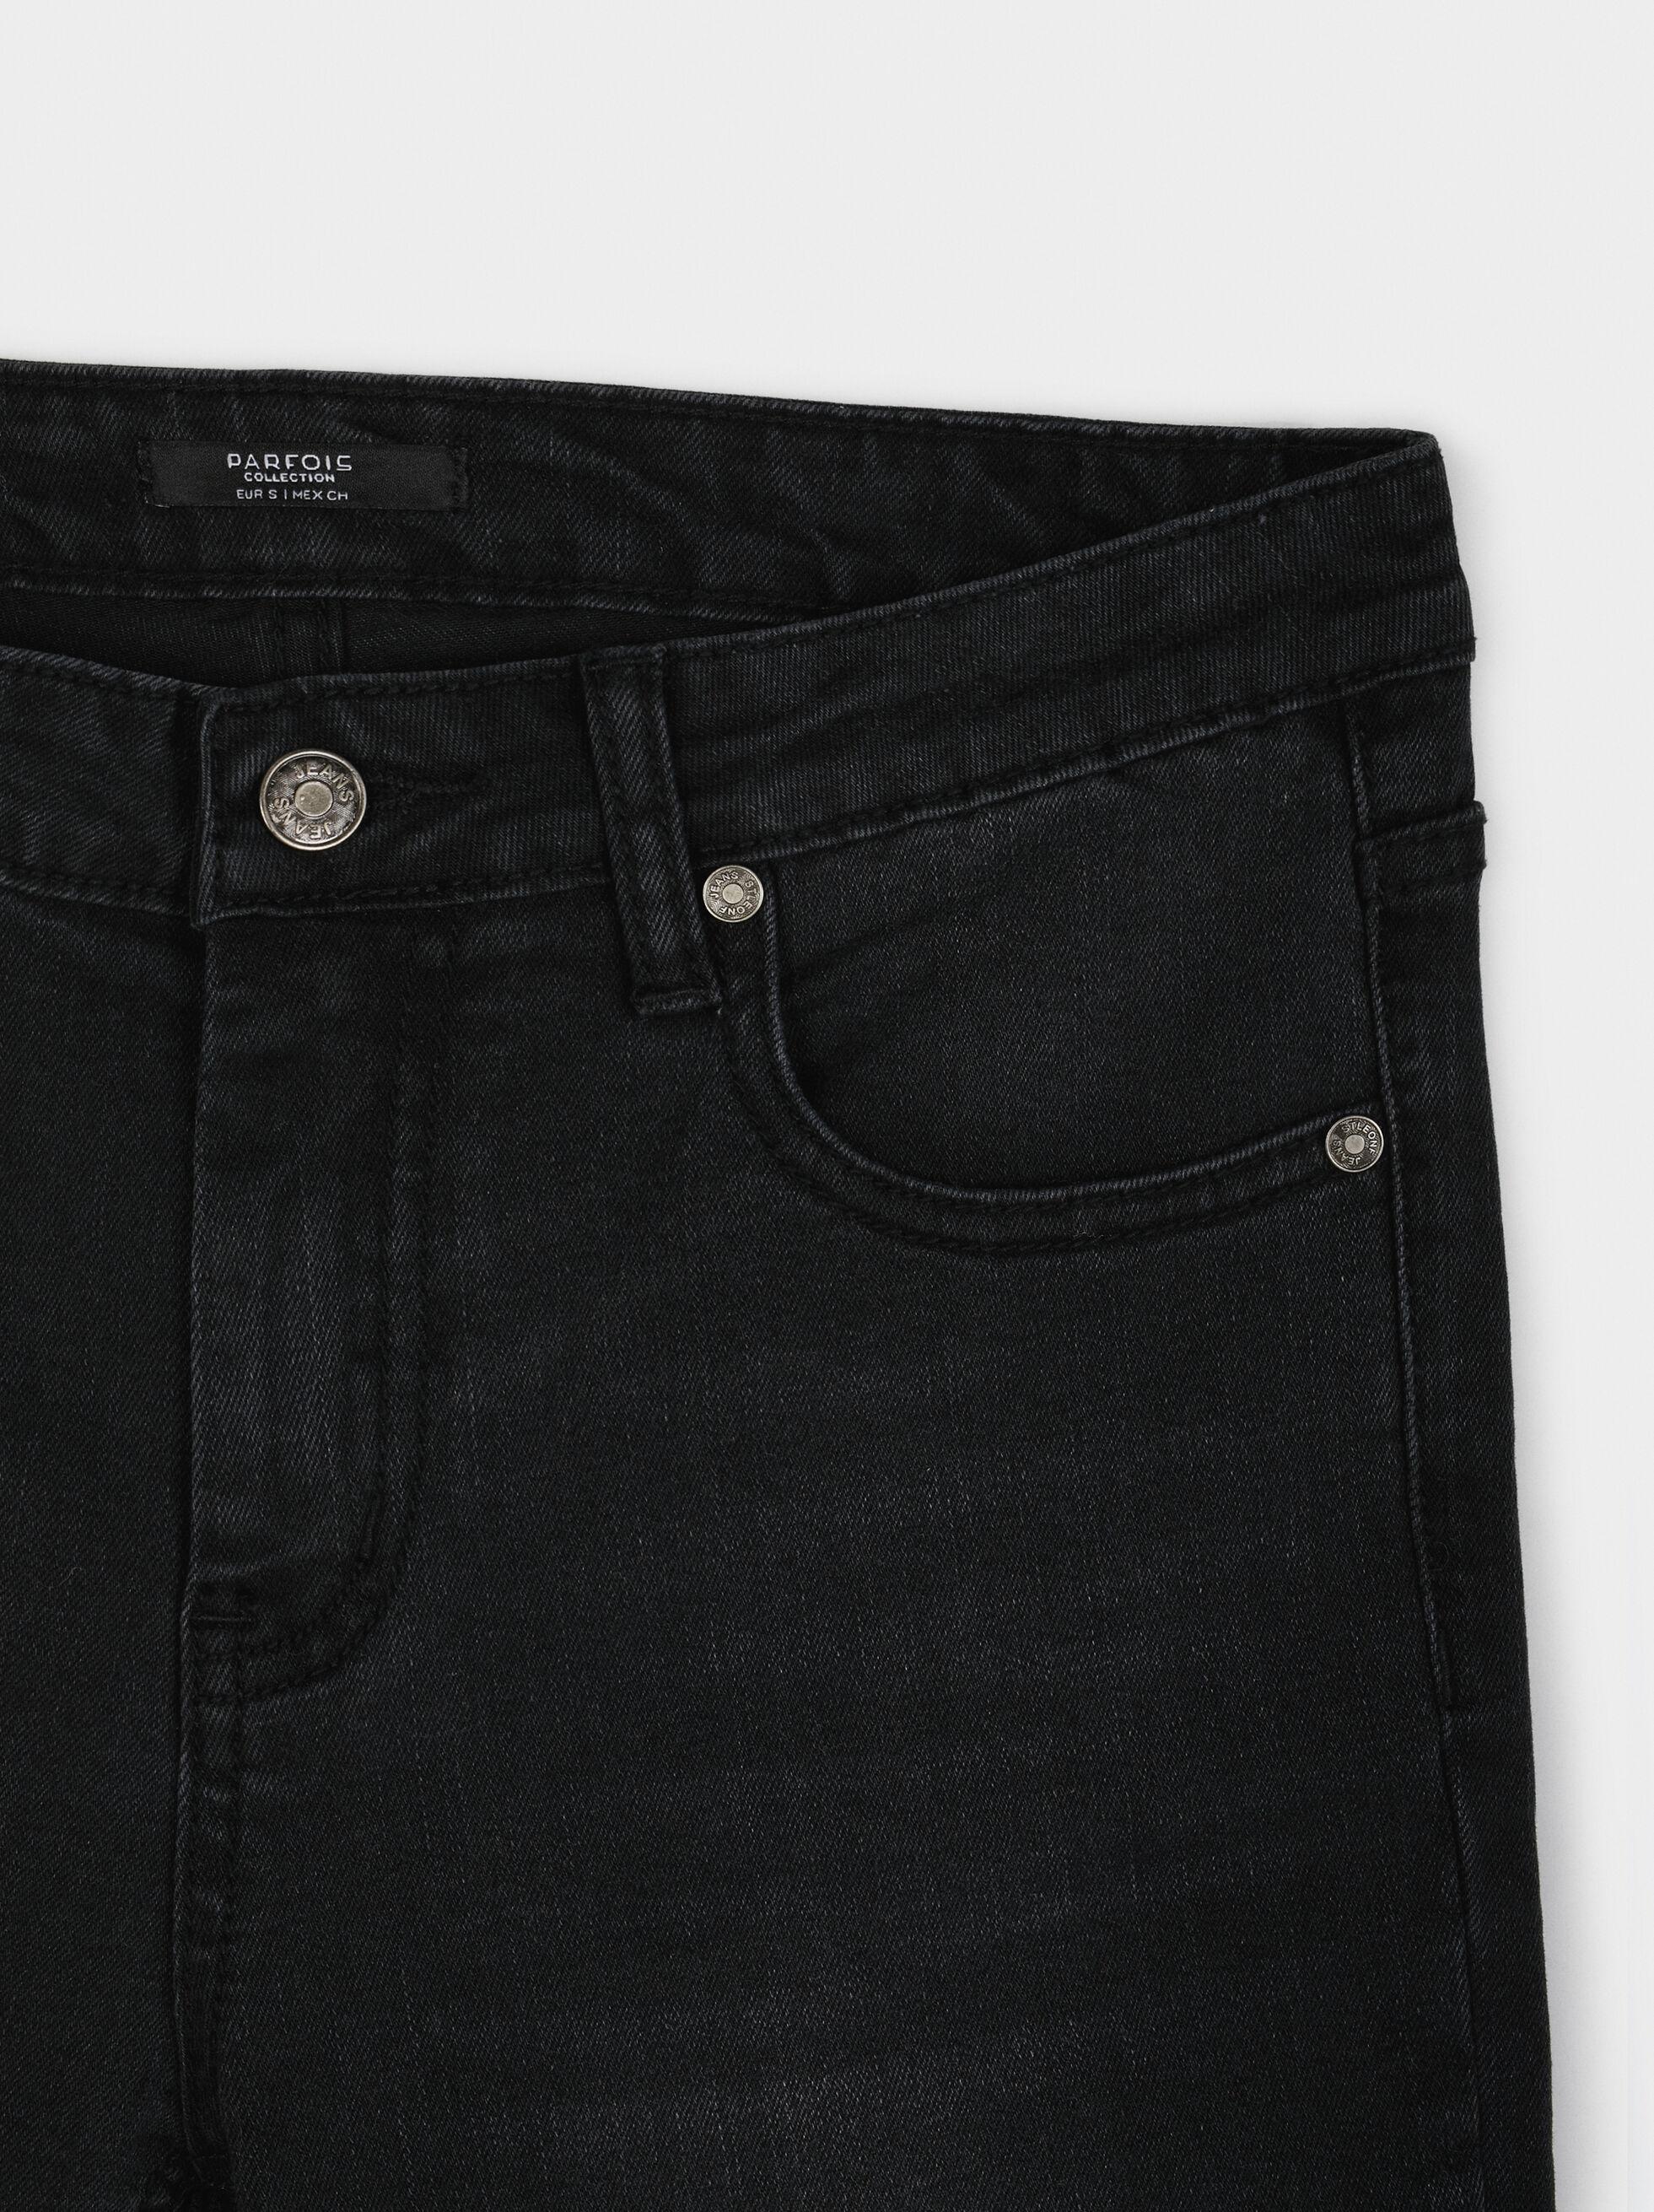 Basic Jeans, Pink, hi-res